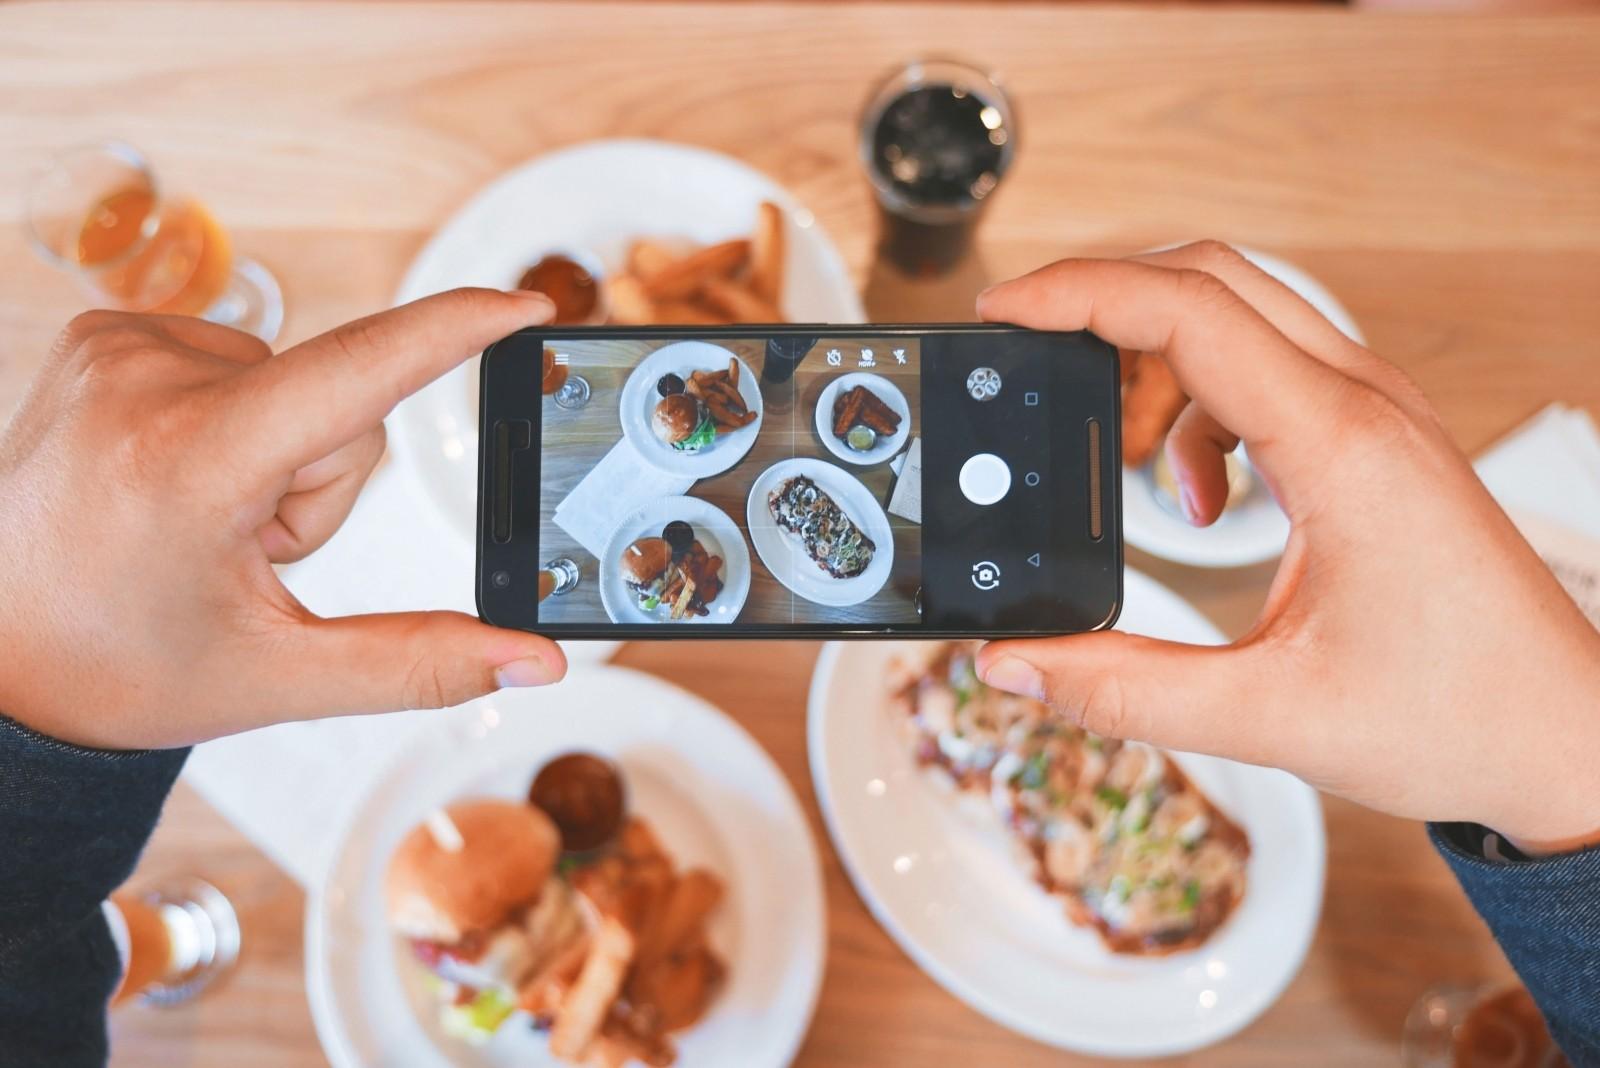 Smartphone che scatta una foto ad una tavola piena di cibi e piatti per condividerla su Instagram